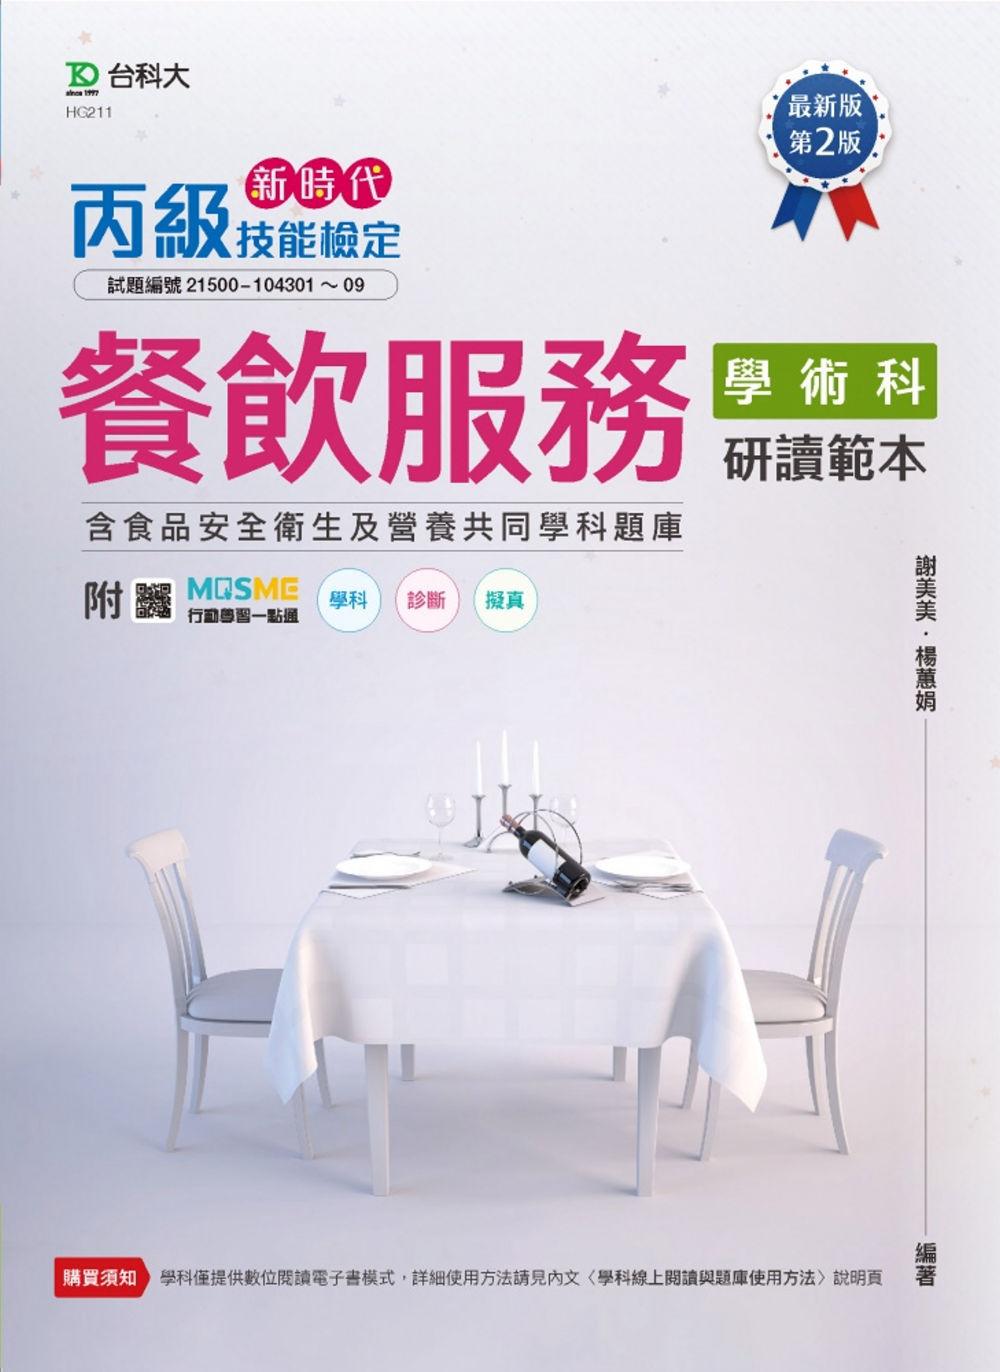 新時代 丙級餐飲服務學術科研讀...